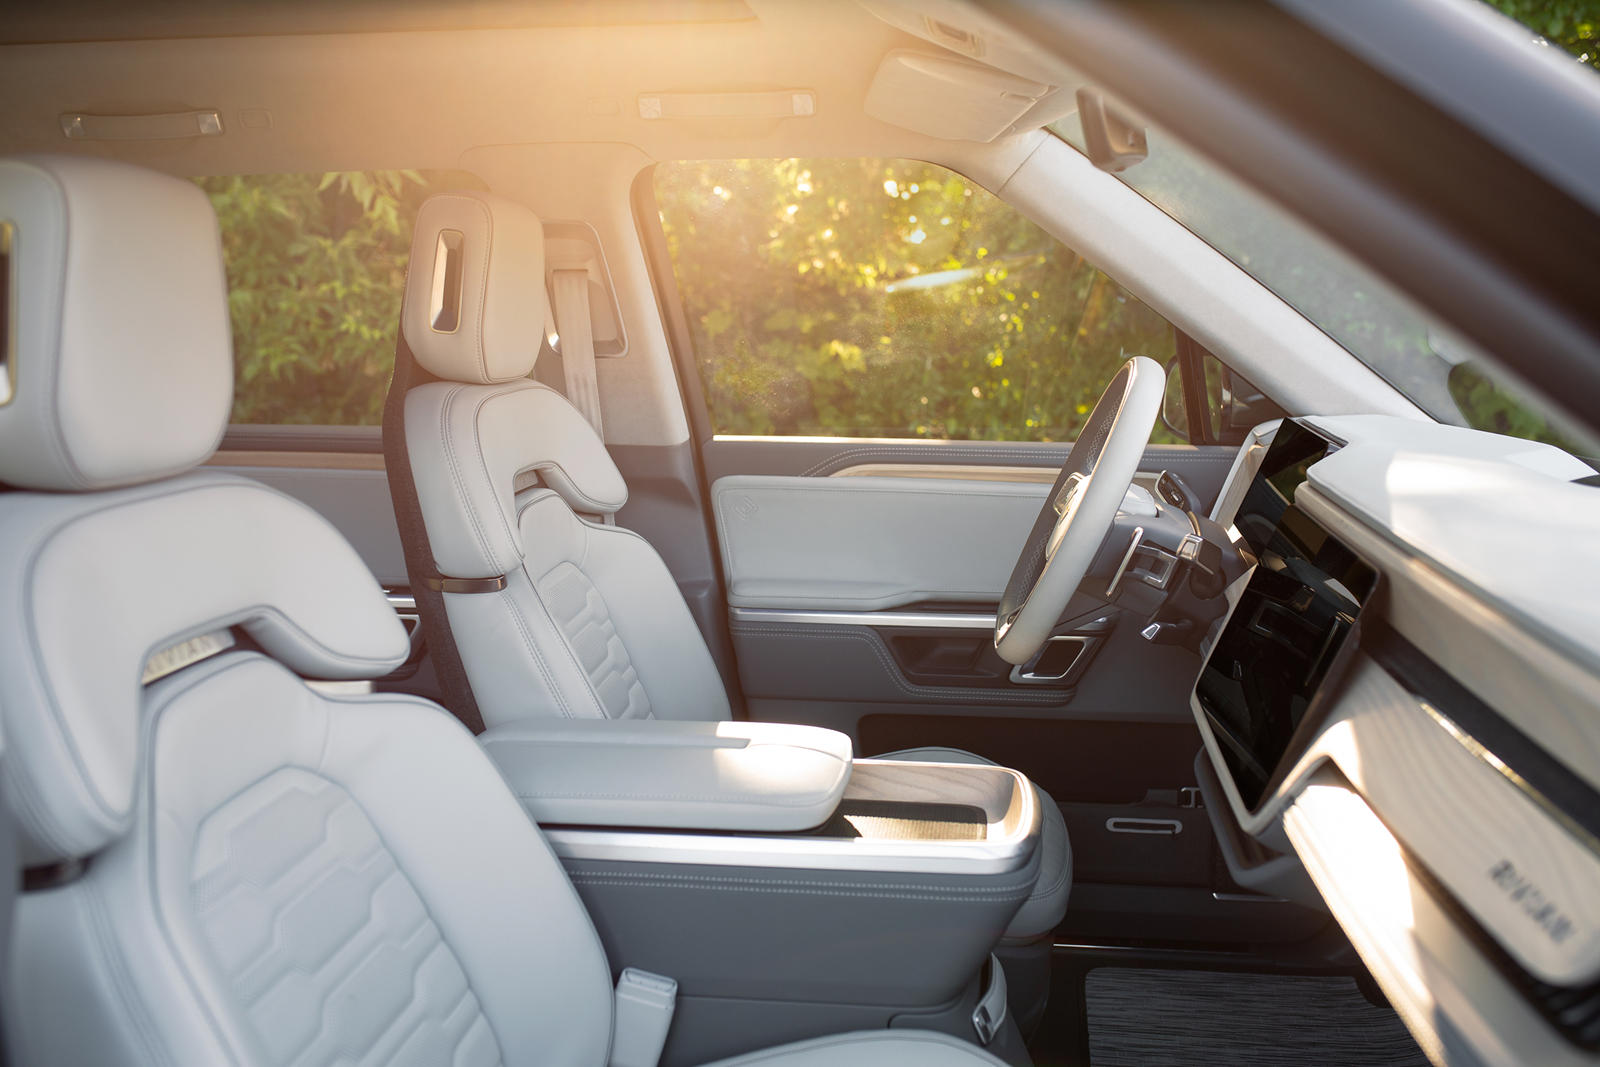 Все модели, независимо от комплектации, стандартно поставляются с полуавтономной функцией вождения без помощи рук и запасом хода более 480 км с аккумулятором на 135 кВтч. Есть апгрейд батареи на 180 кВтч